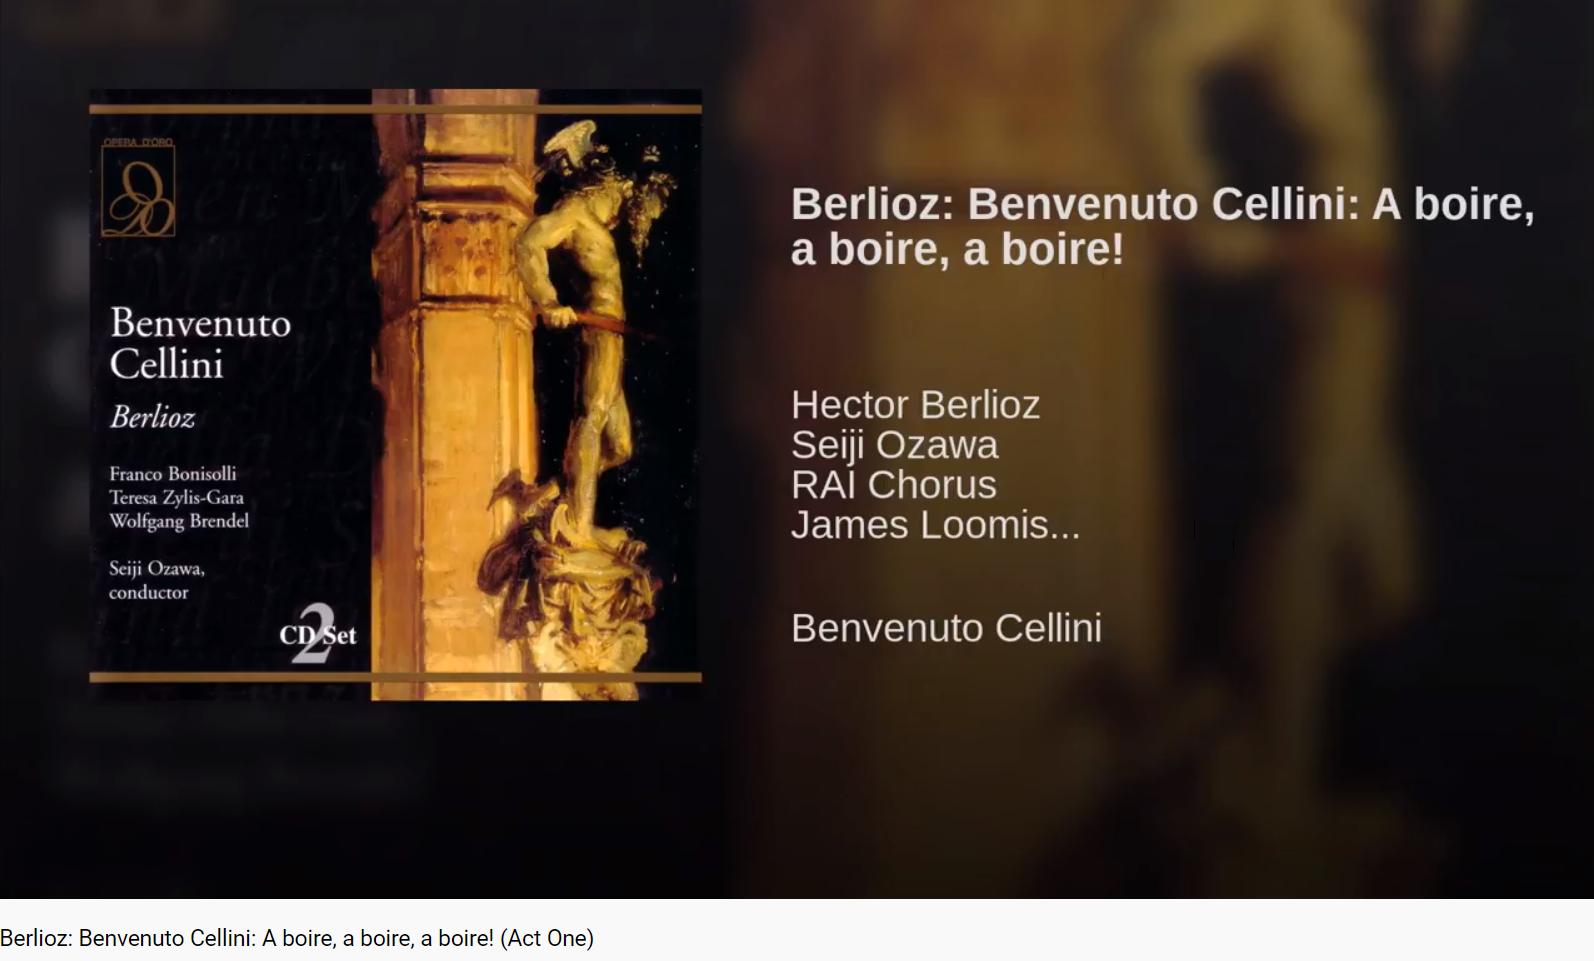 Berlioz Benvenuto Cellini A boire a boire a boire